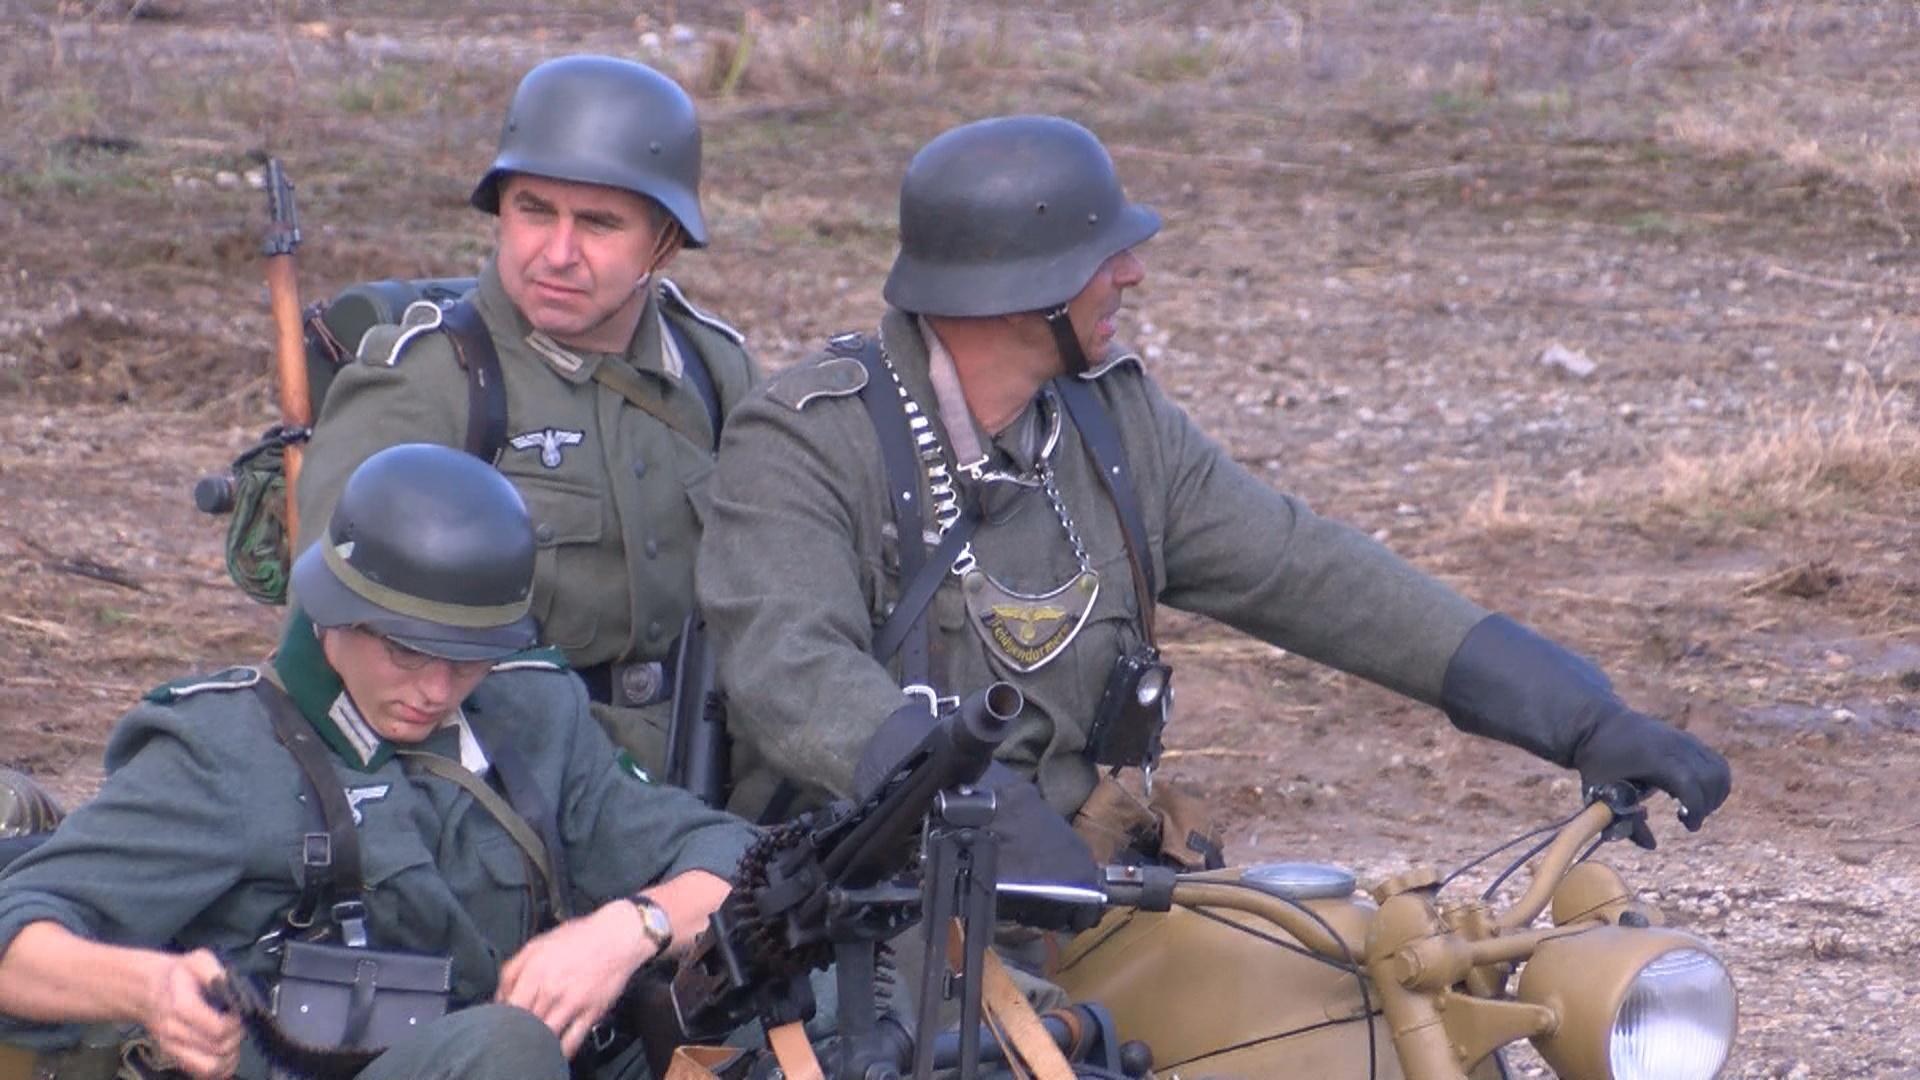 Нишката настъпателна операция от 1944 г. оживя във Велико Търново (СНИМКИ)